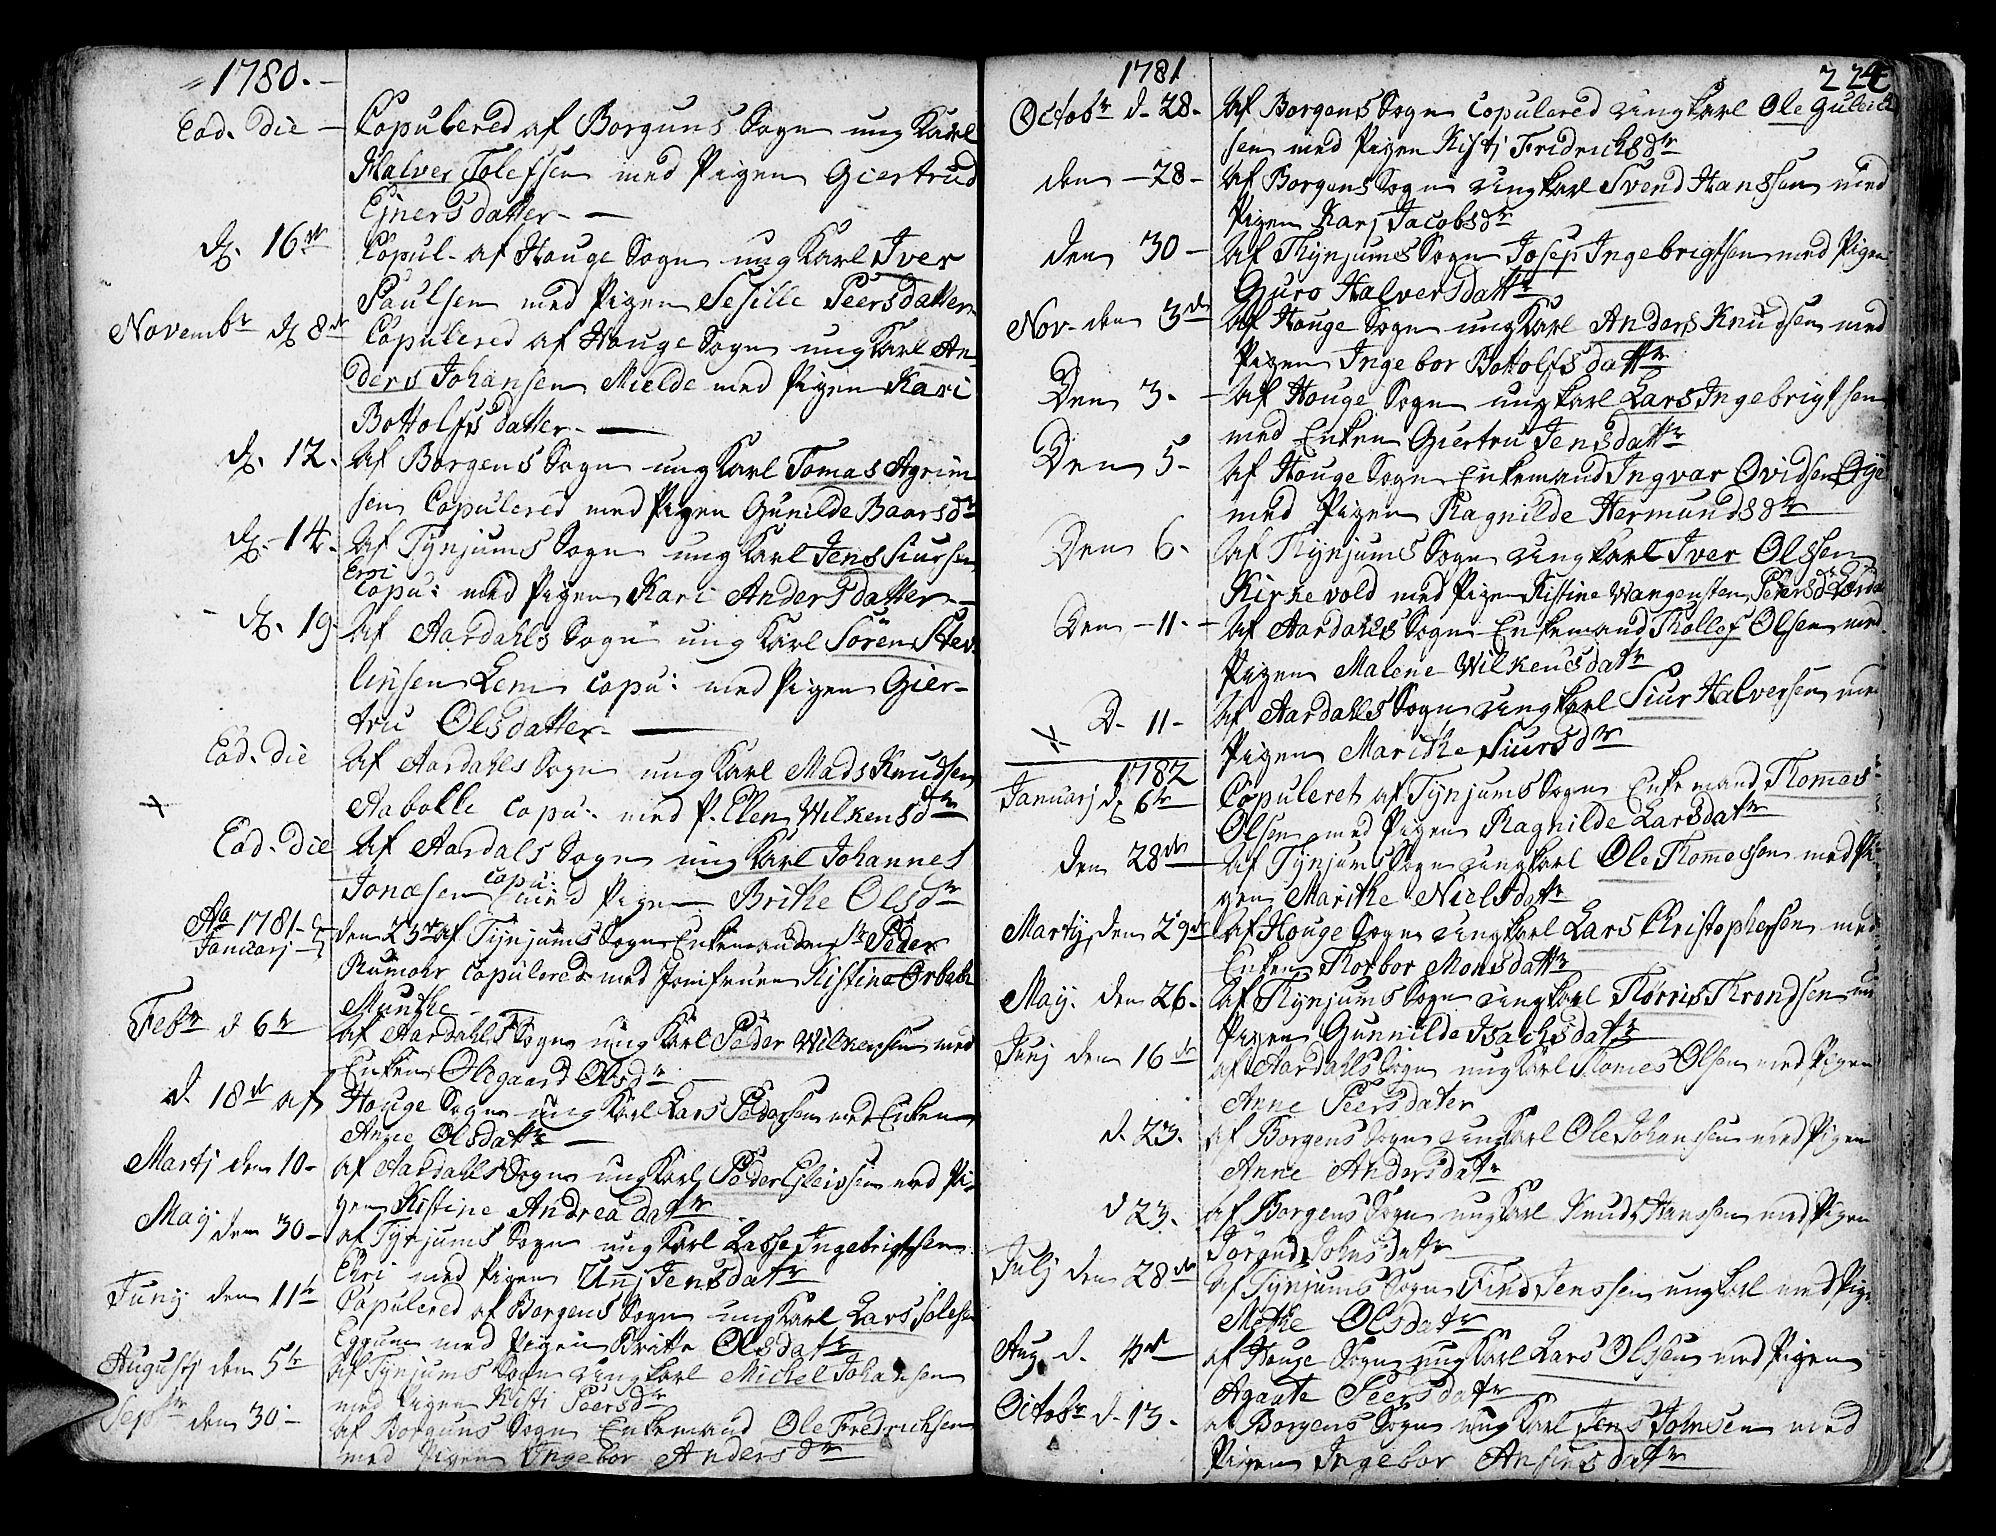 SAB, Lærdal sokneprestembete, Ministerialbok nr. A 2, 1752-1782, s. 224